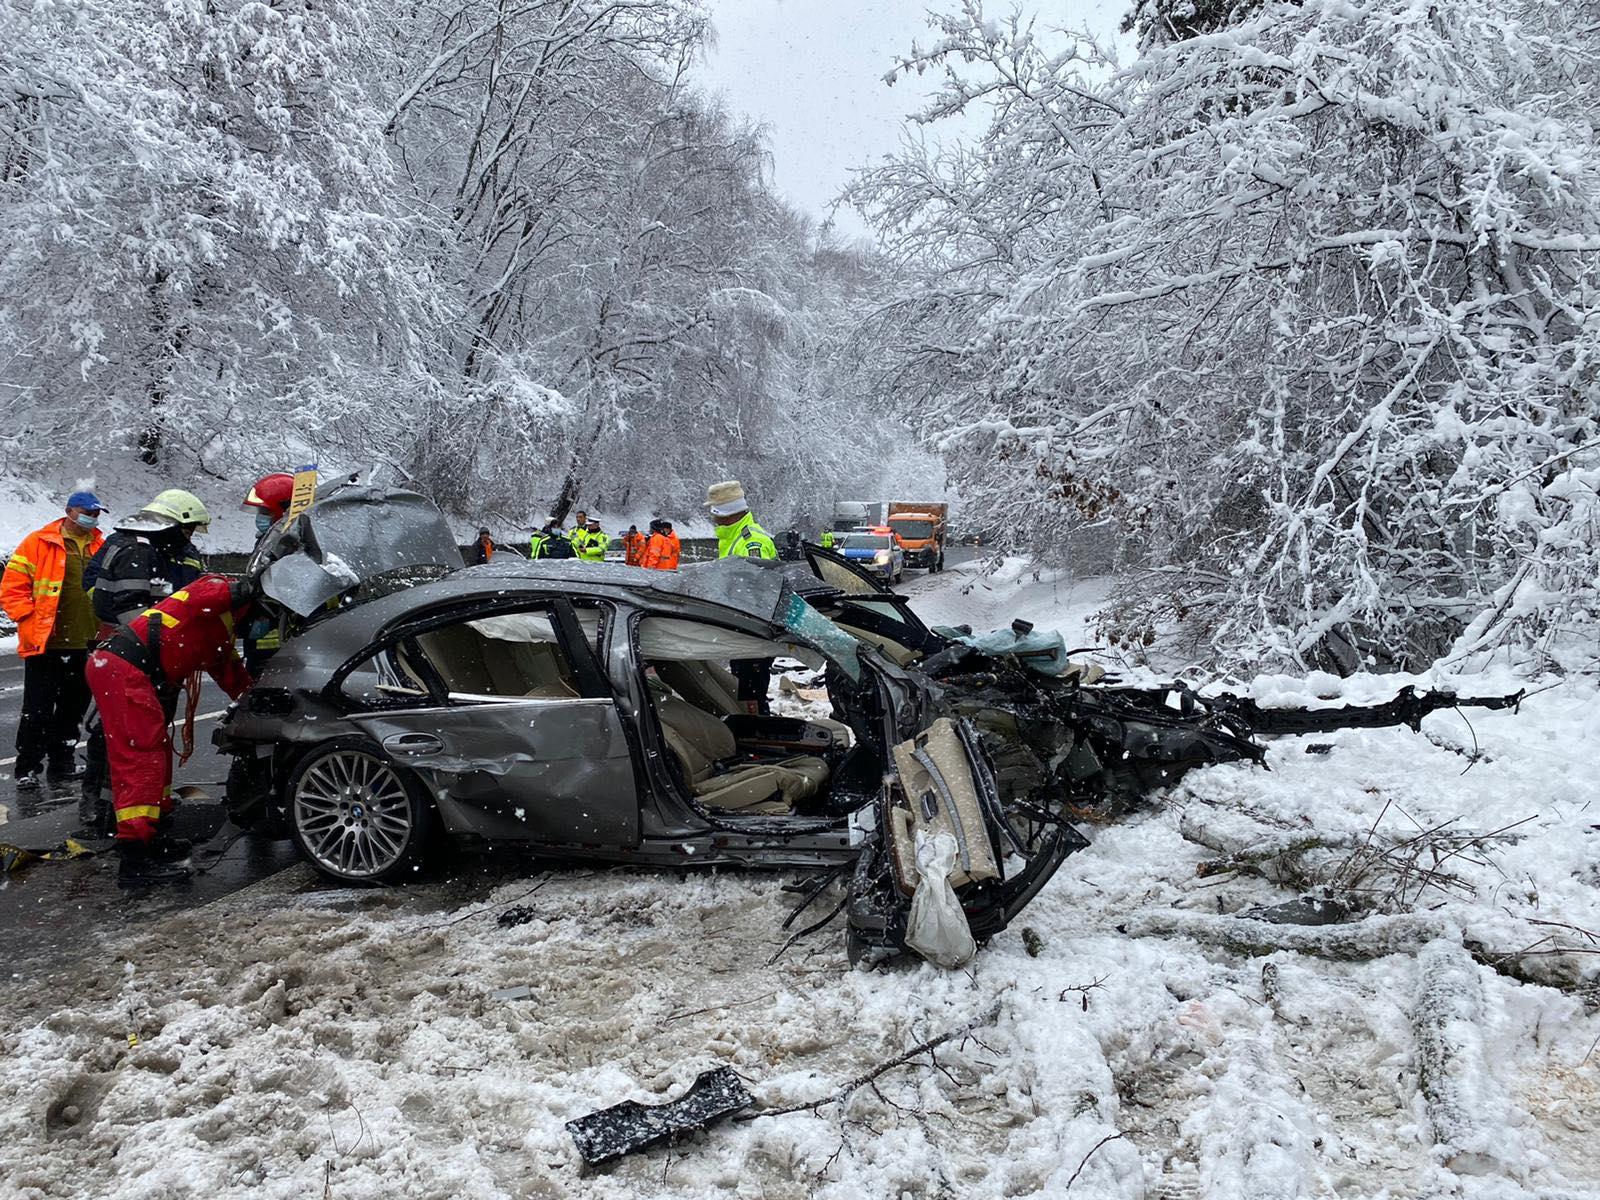 Trei oameni au murit, iar un al patrulea este resuscitat, după un impact violent între o mașină și un tir încărcat cu butelii de oxigen